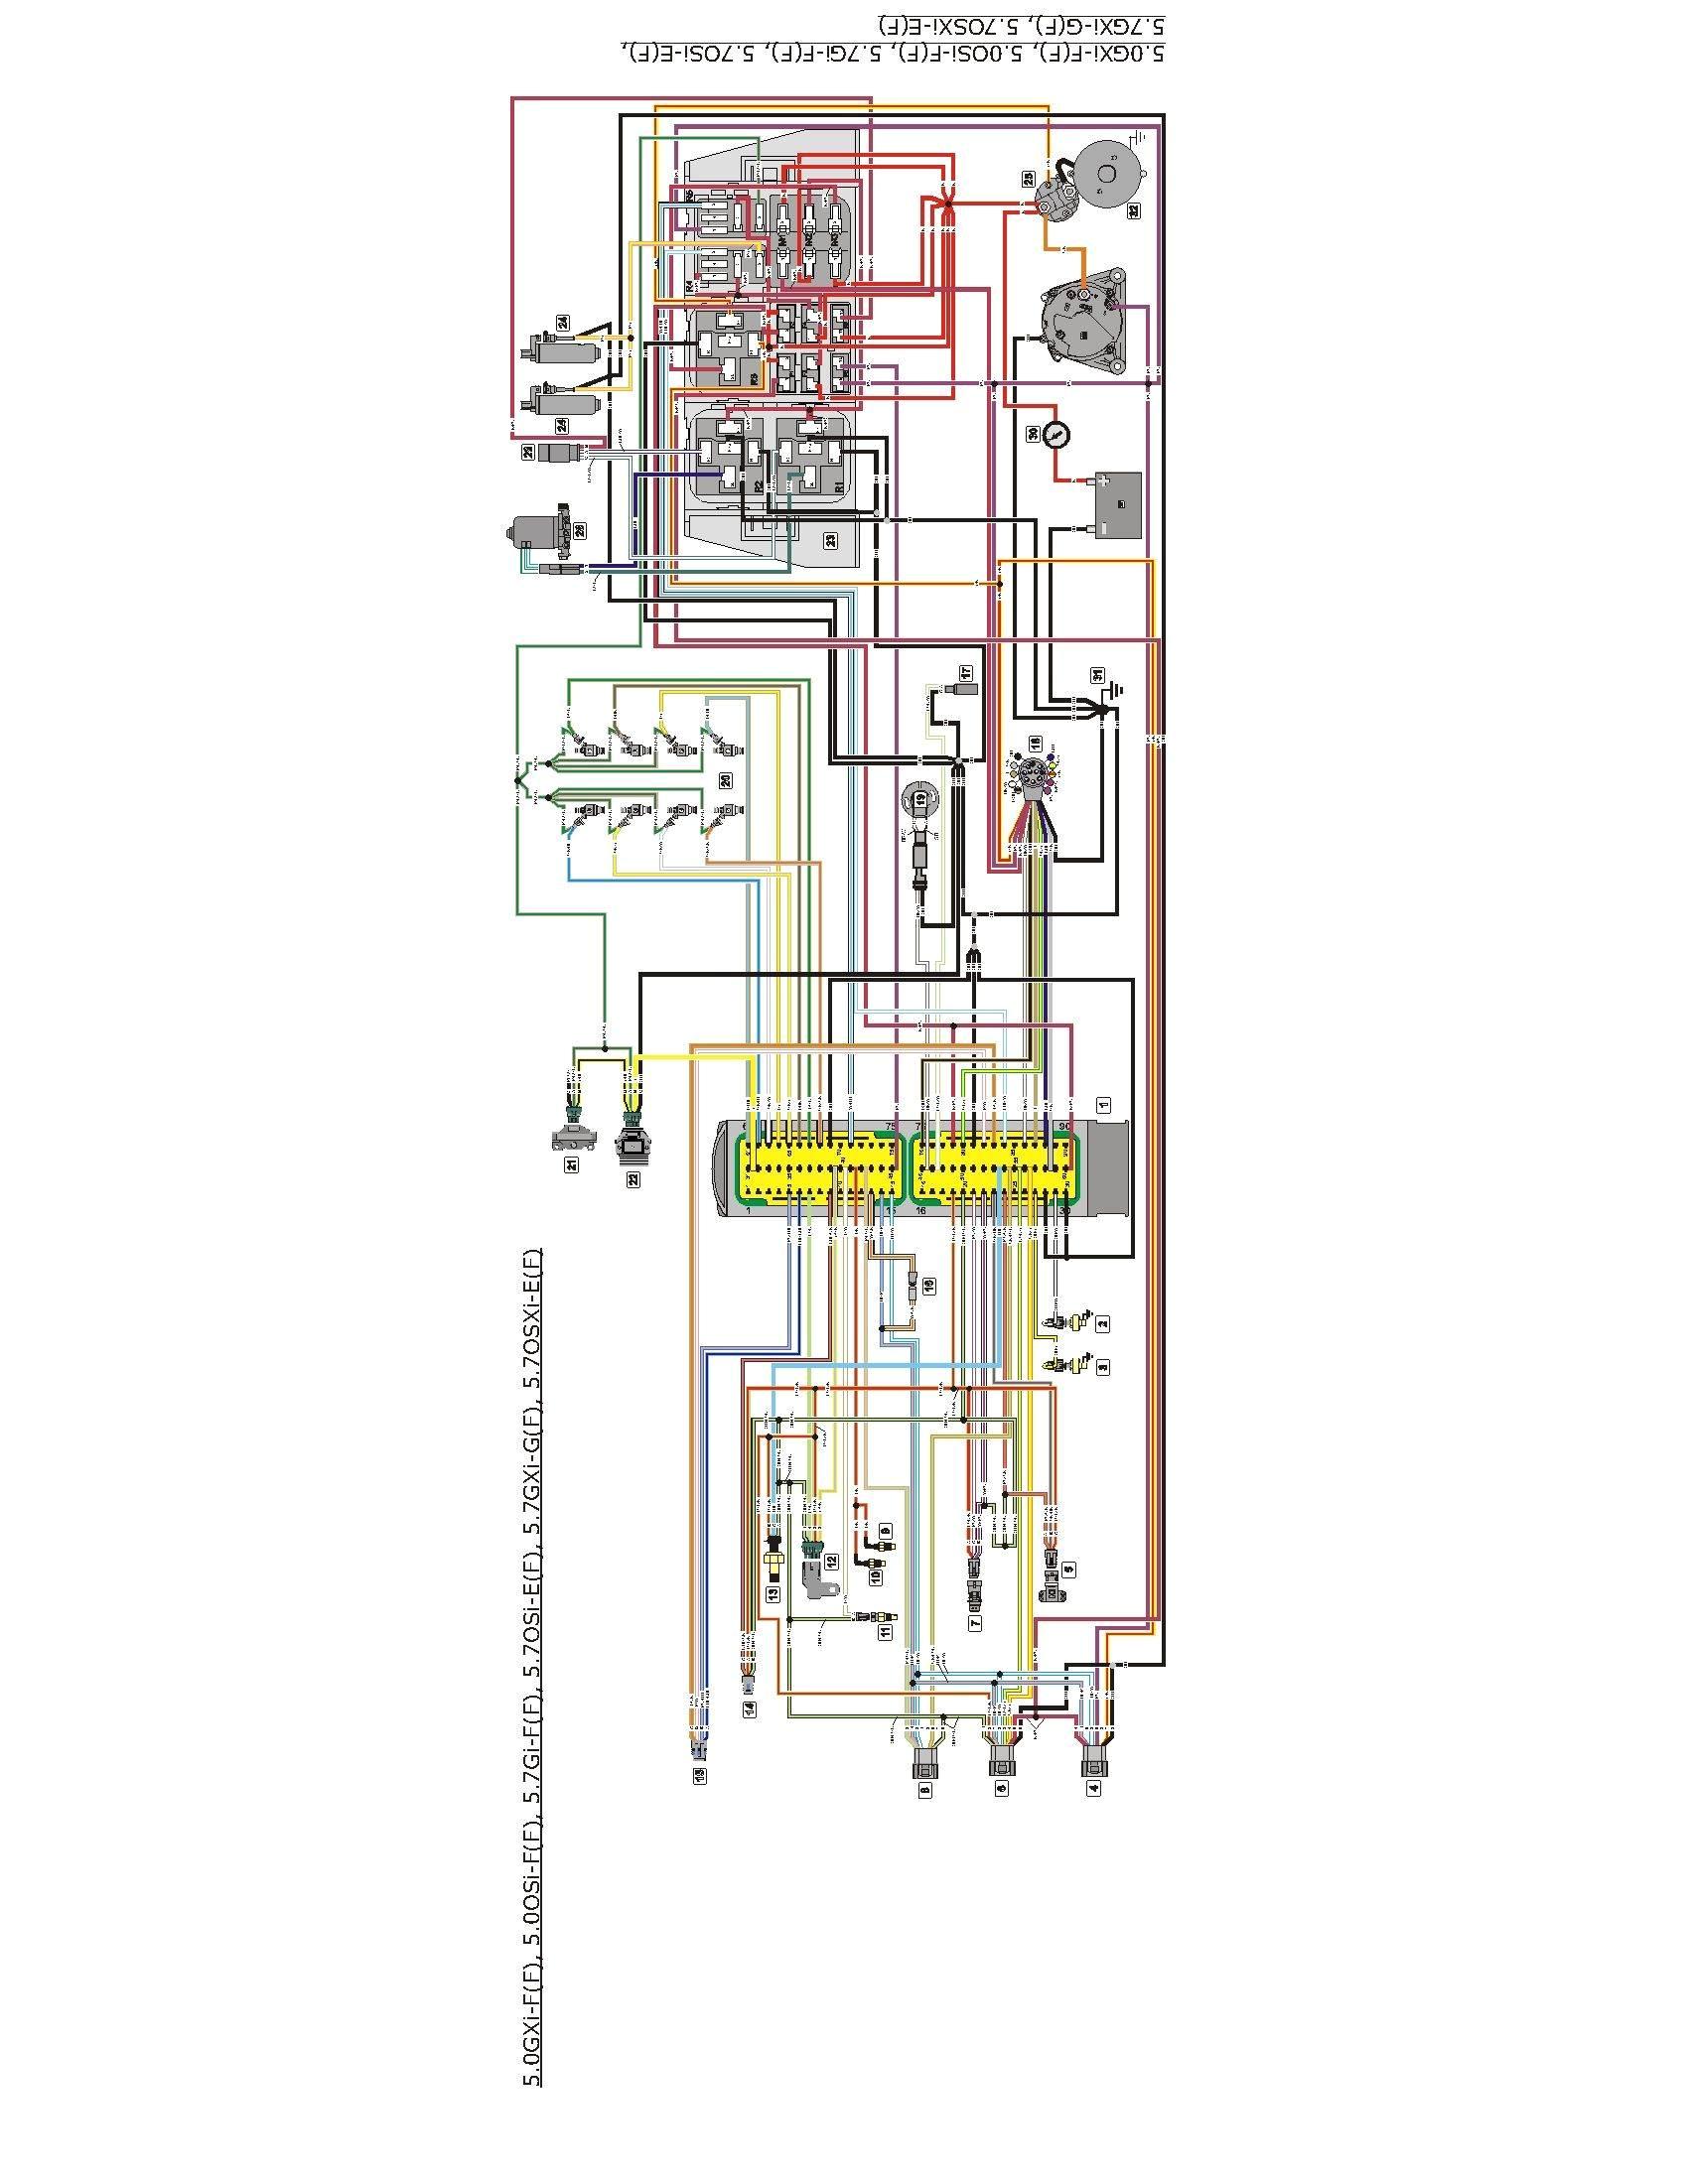 volvo penta marine engine diagram car diagram images volvo penta 3 0 engine diagram volvo penta engine diagram